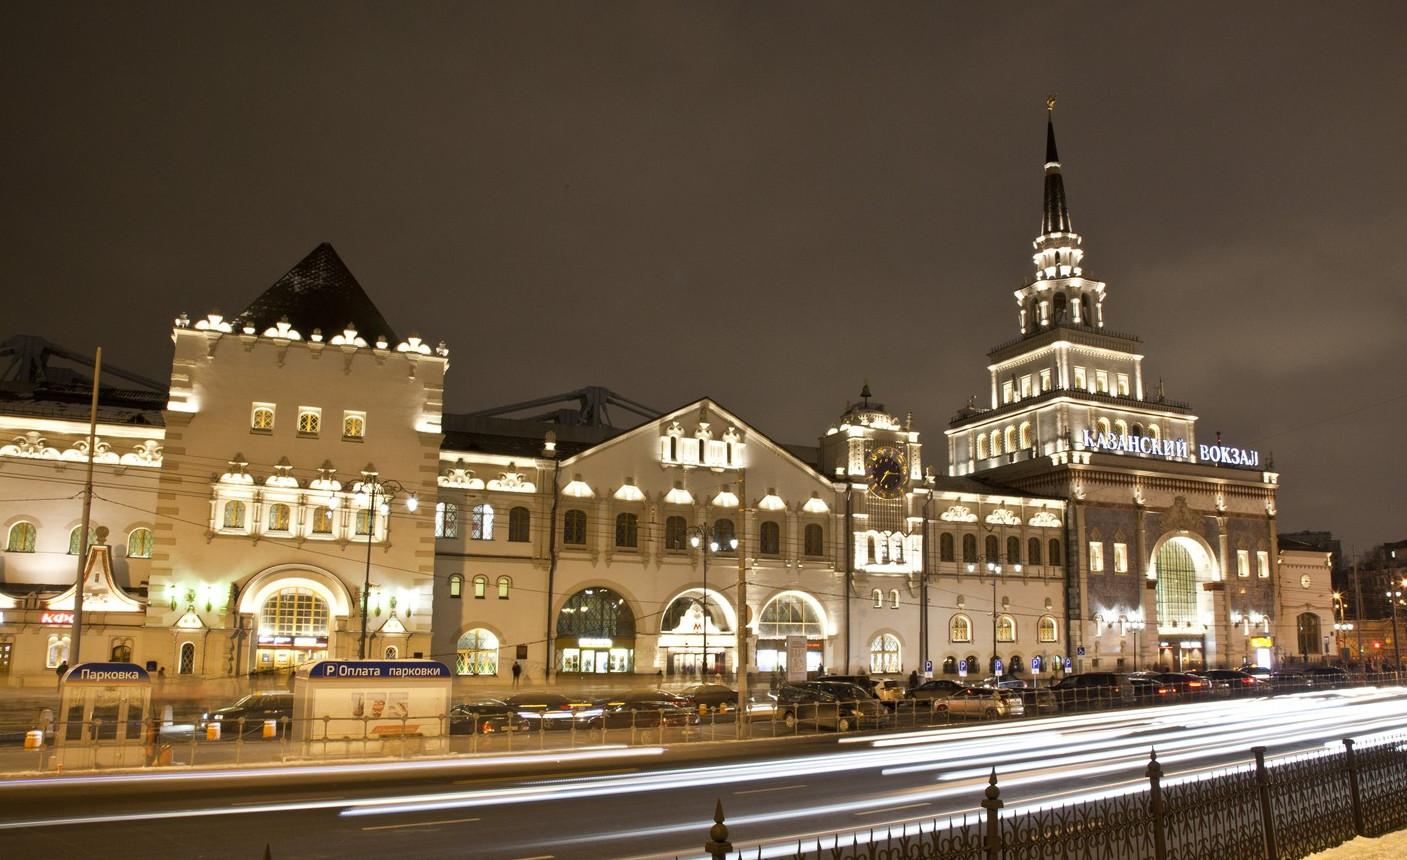 продумывать фотографии казанского вокзала часто этот сезон